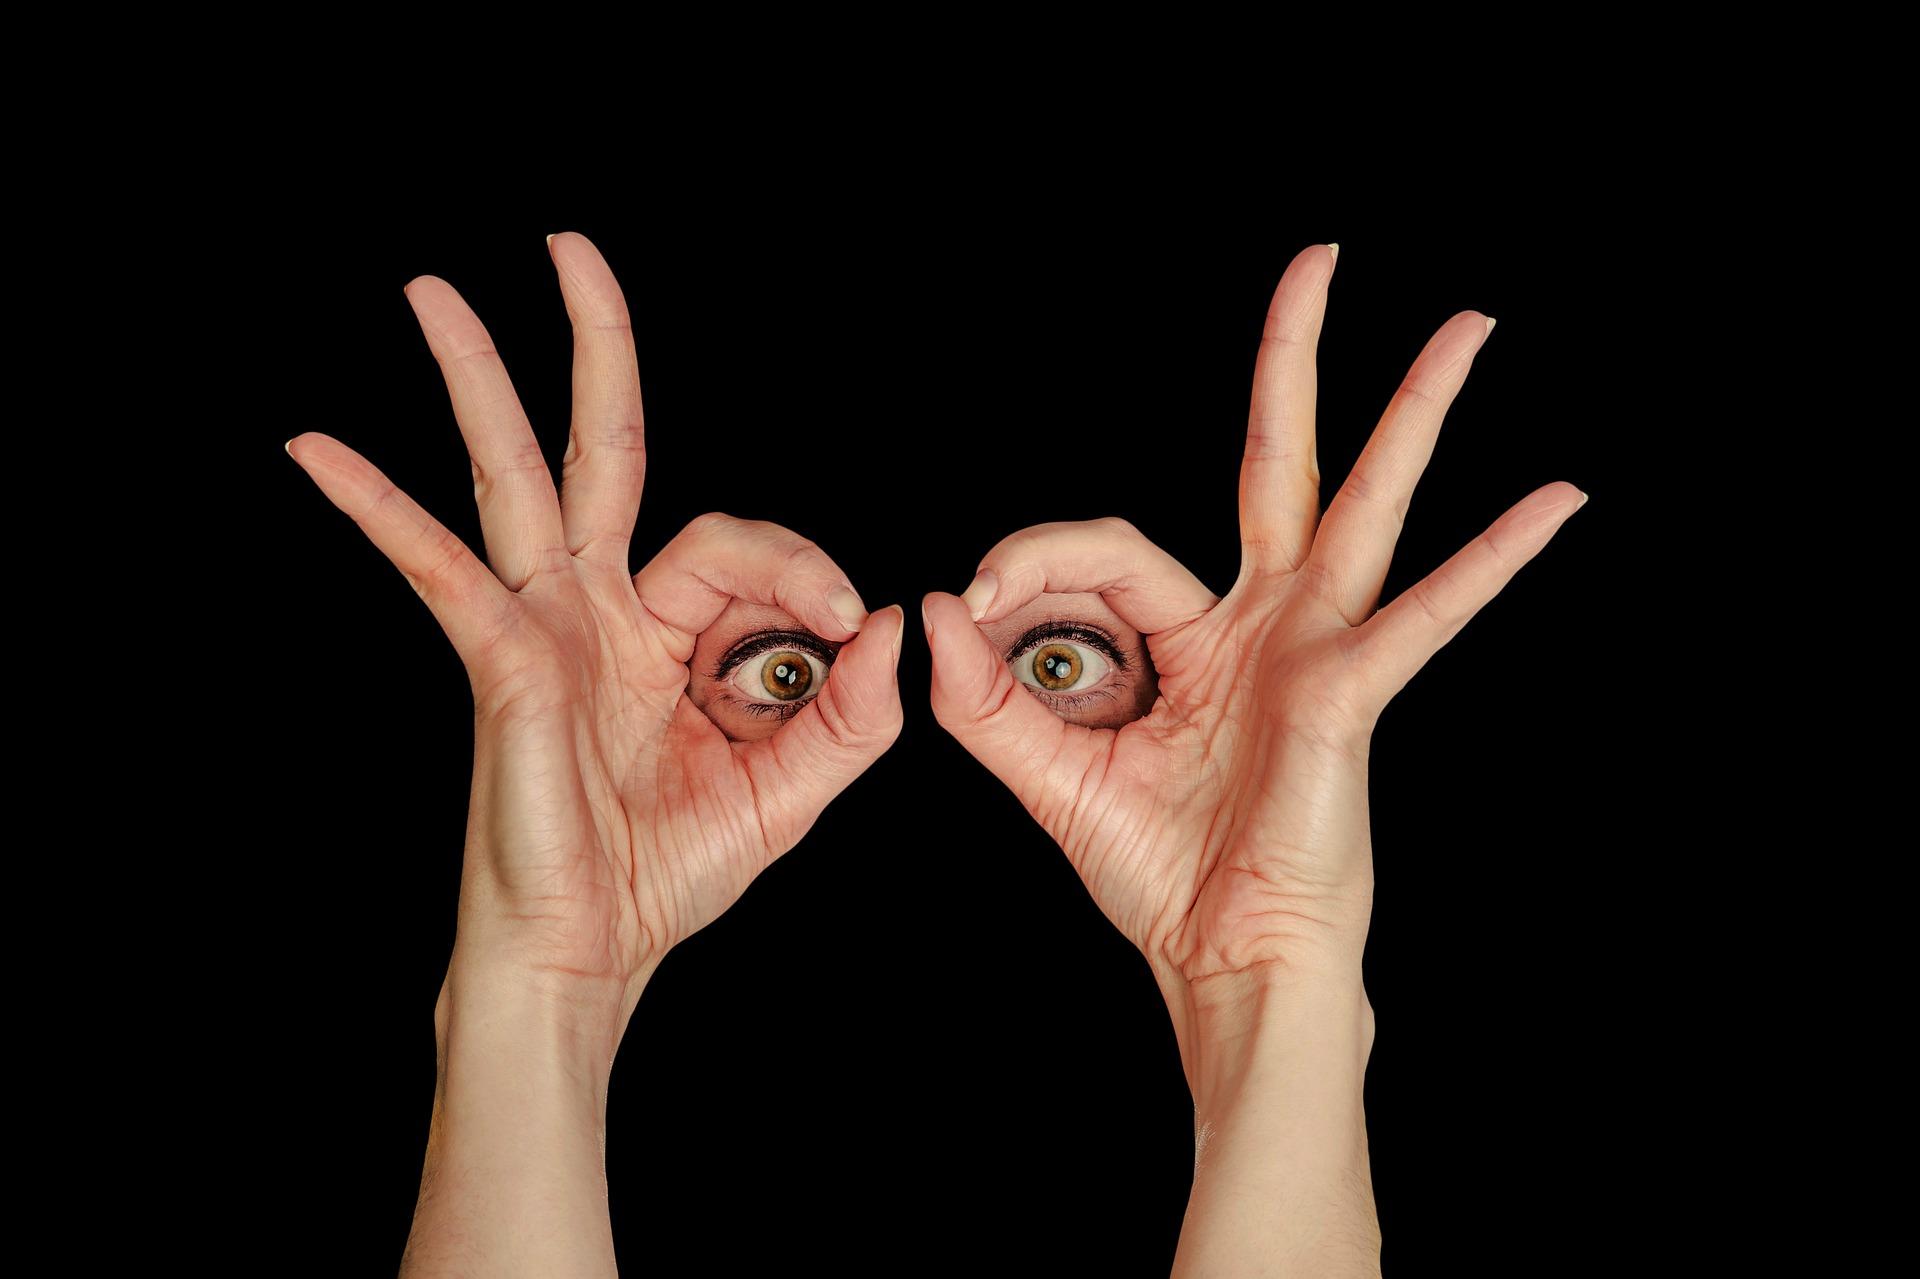 Ik zie ik zie wat jij niet ziet …